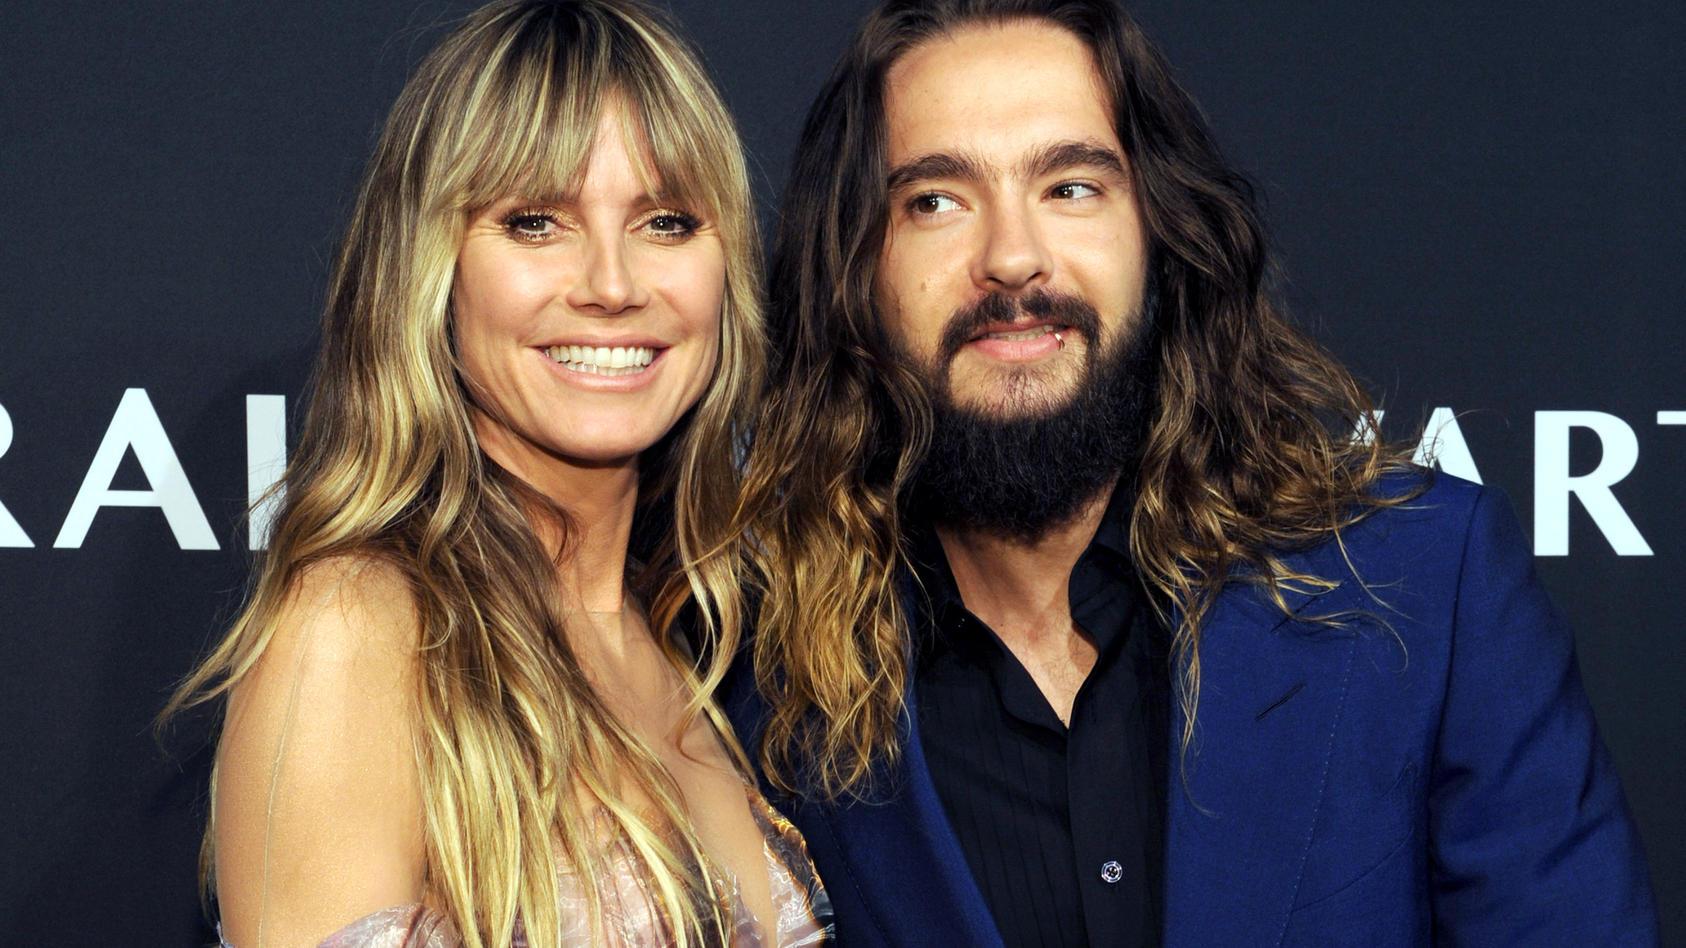 Heidi Klum und Tom Kaulitz erfreuen ihre Fans mit einem neuen Pärchen-Bild.